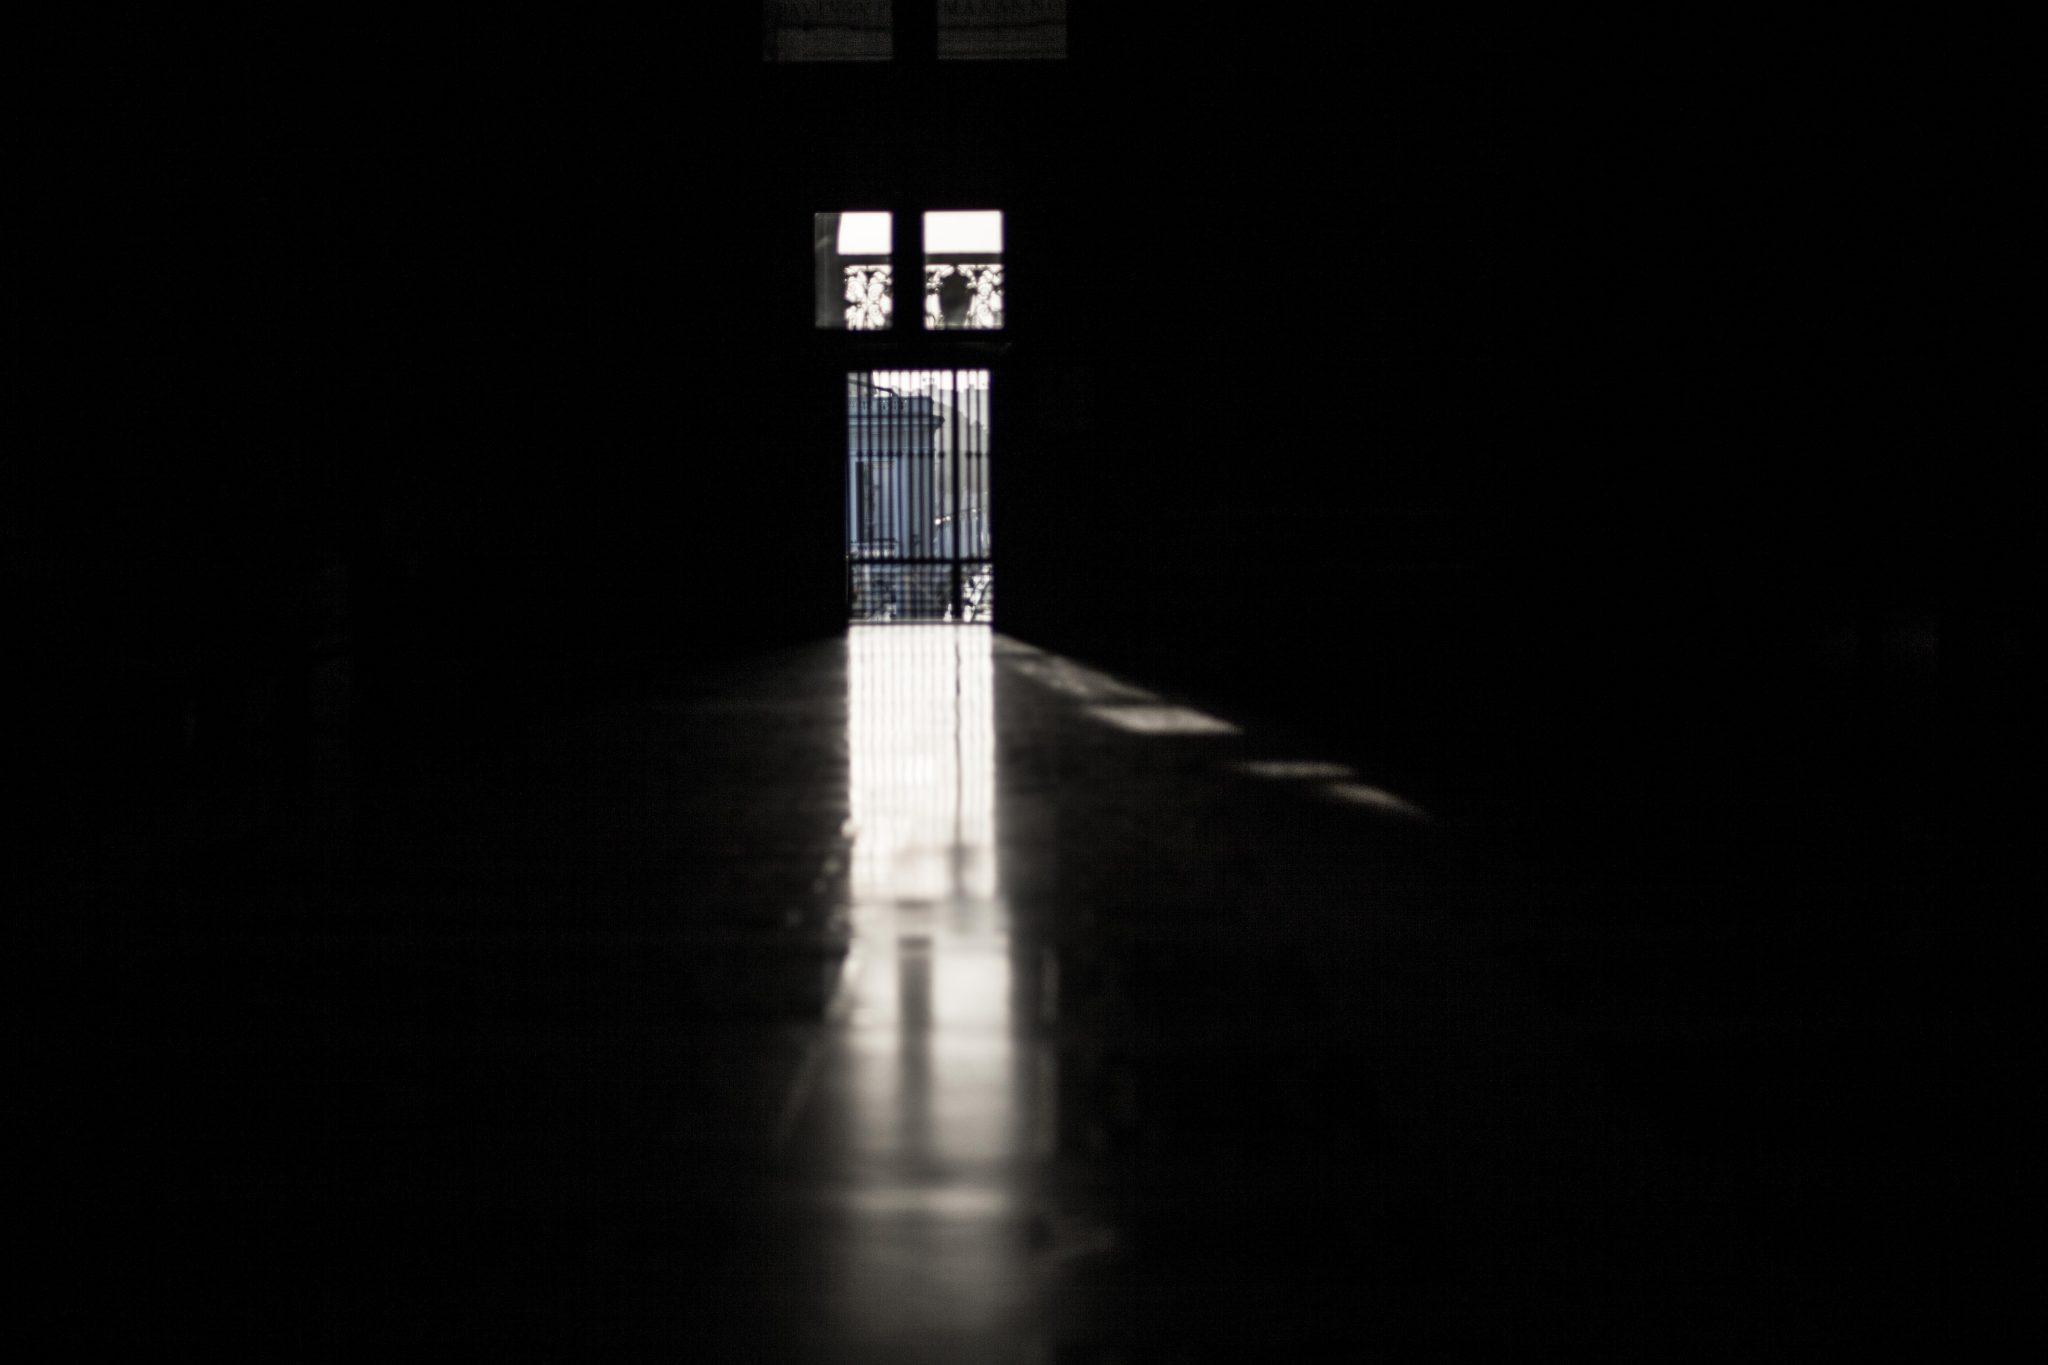 Kirche und Freiheit: Innenraum von Sankt Peter, sehr früh morgens